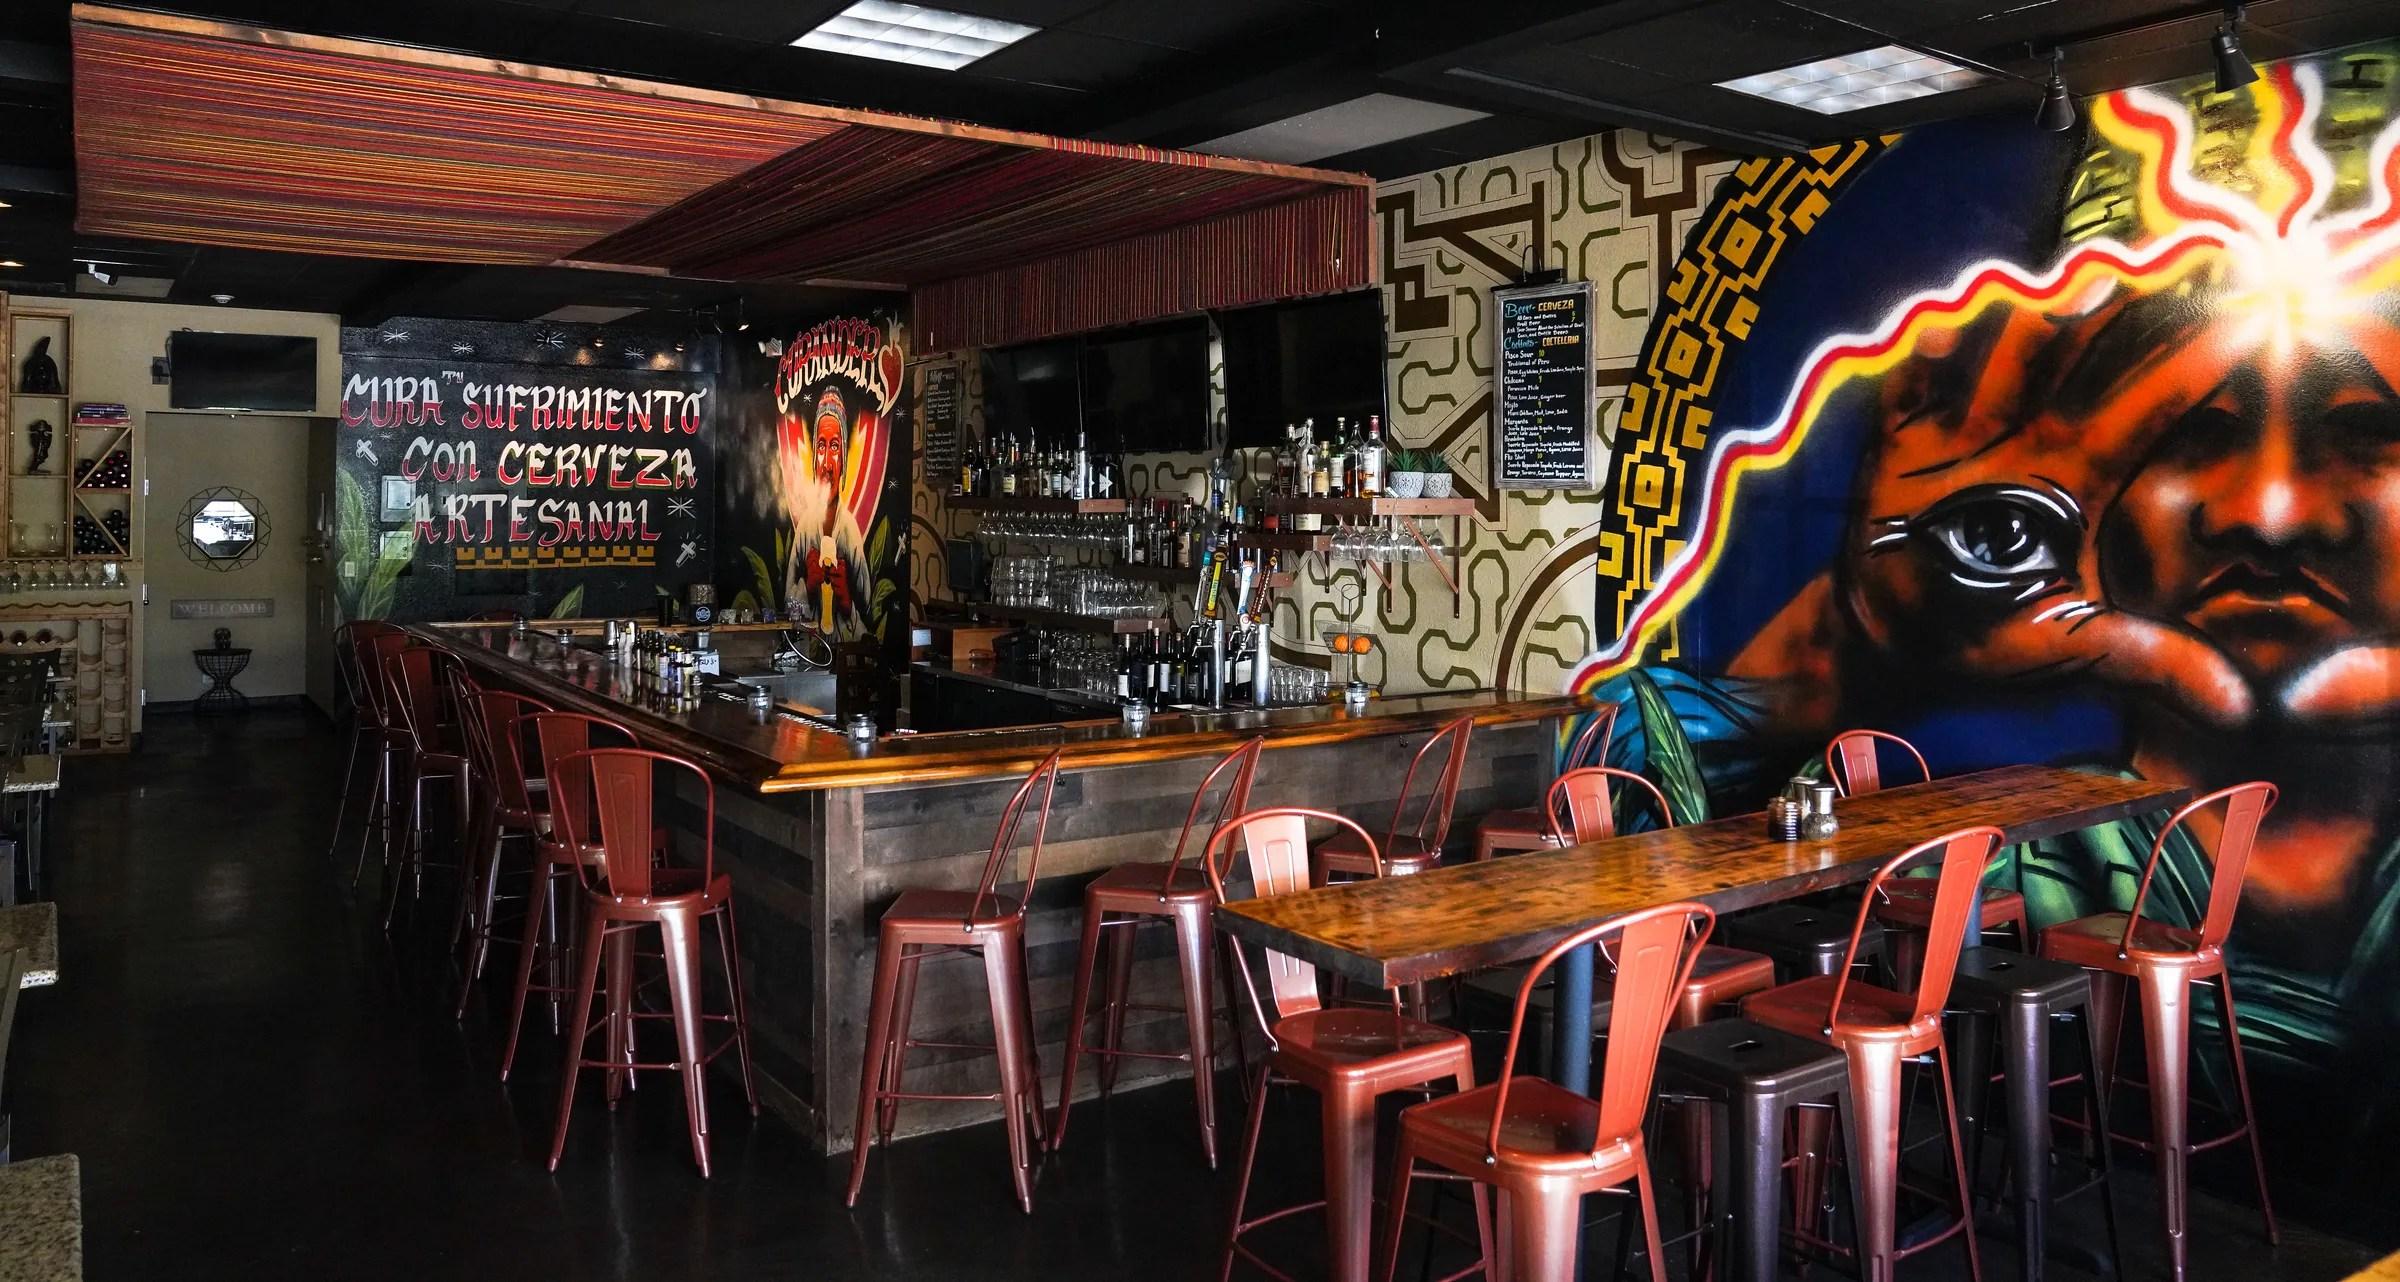 El restaurante peruano Darwin cuenta con dos comedores interiores y asientos al aire libre.